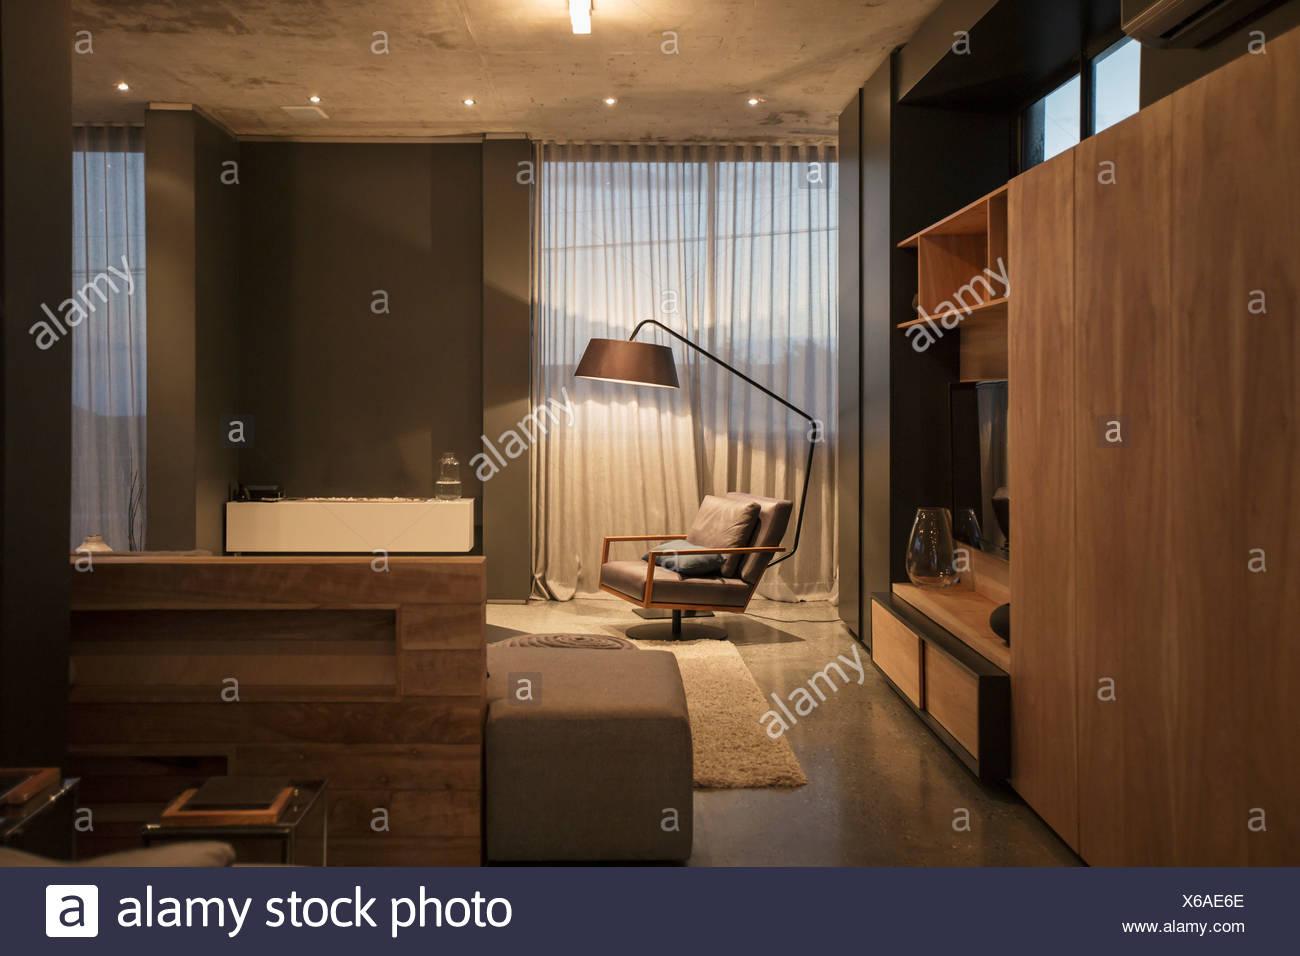 Poltrona e lampada da terra in angolo di soggiorno moderno ...